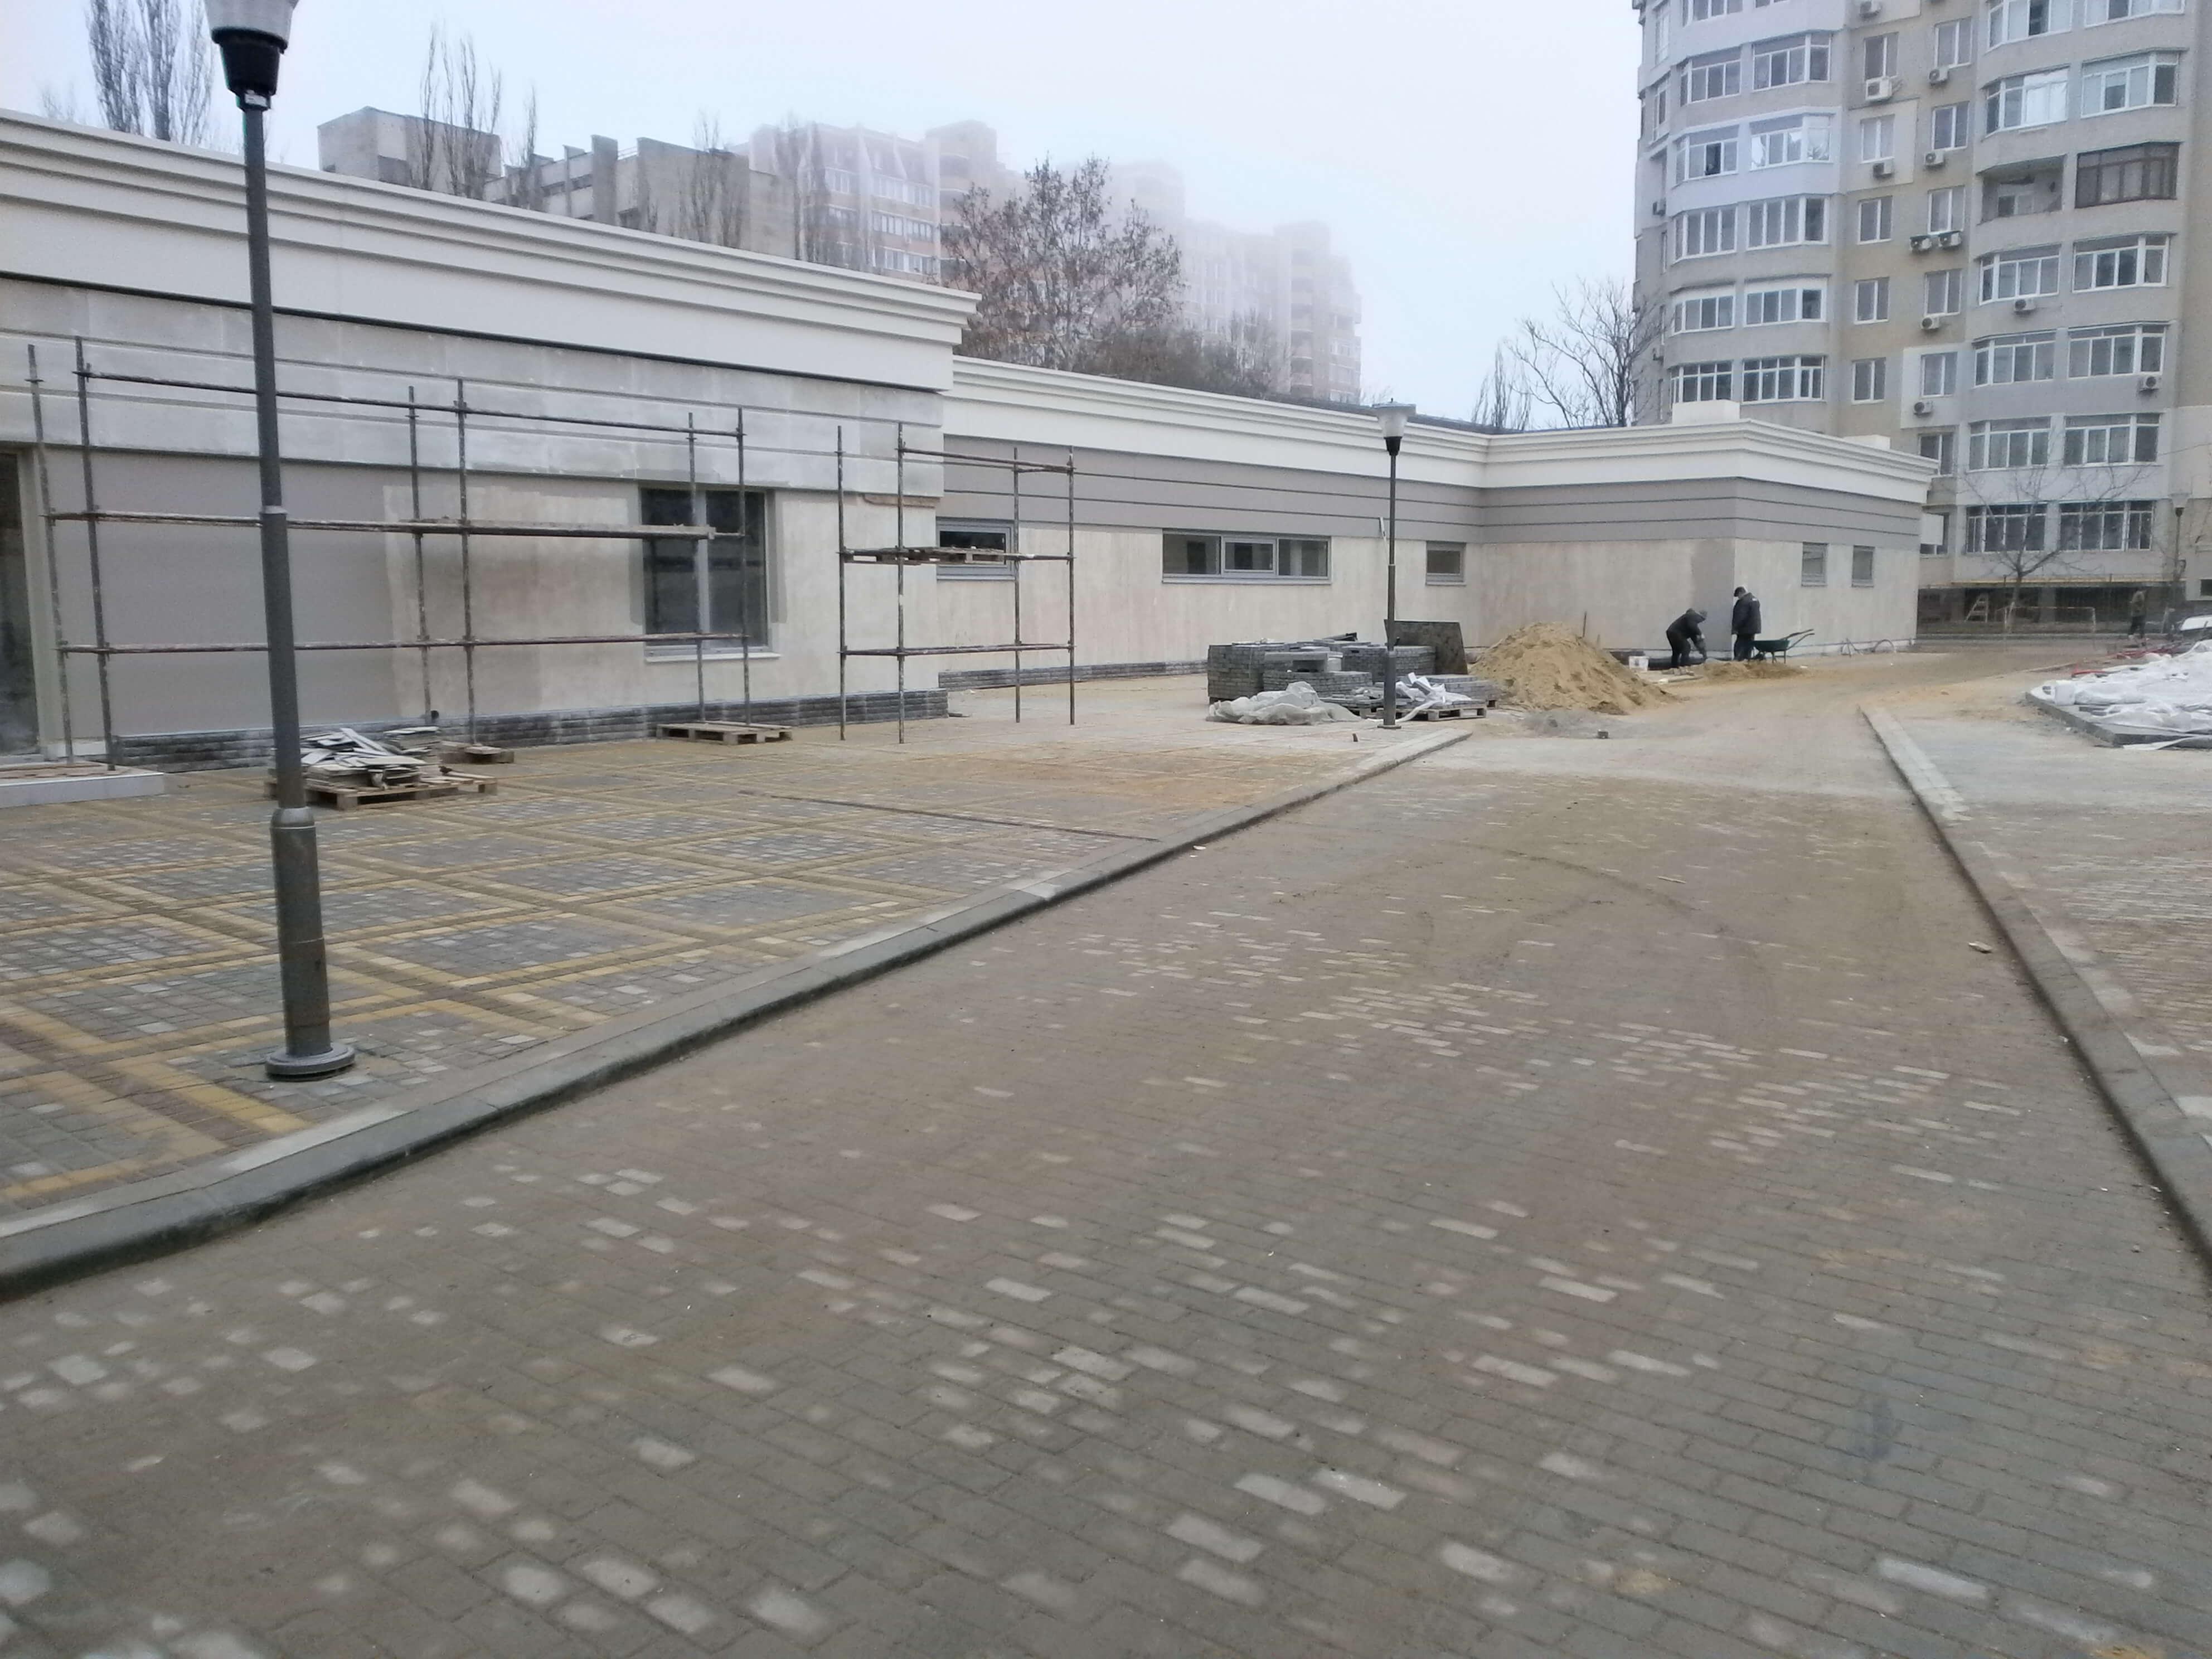 Кровельные работы для ЖК «Звездный городок 2», ул. Маршала Говорова, 10 -фото 3